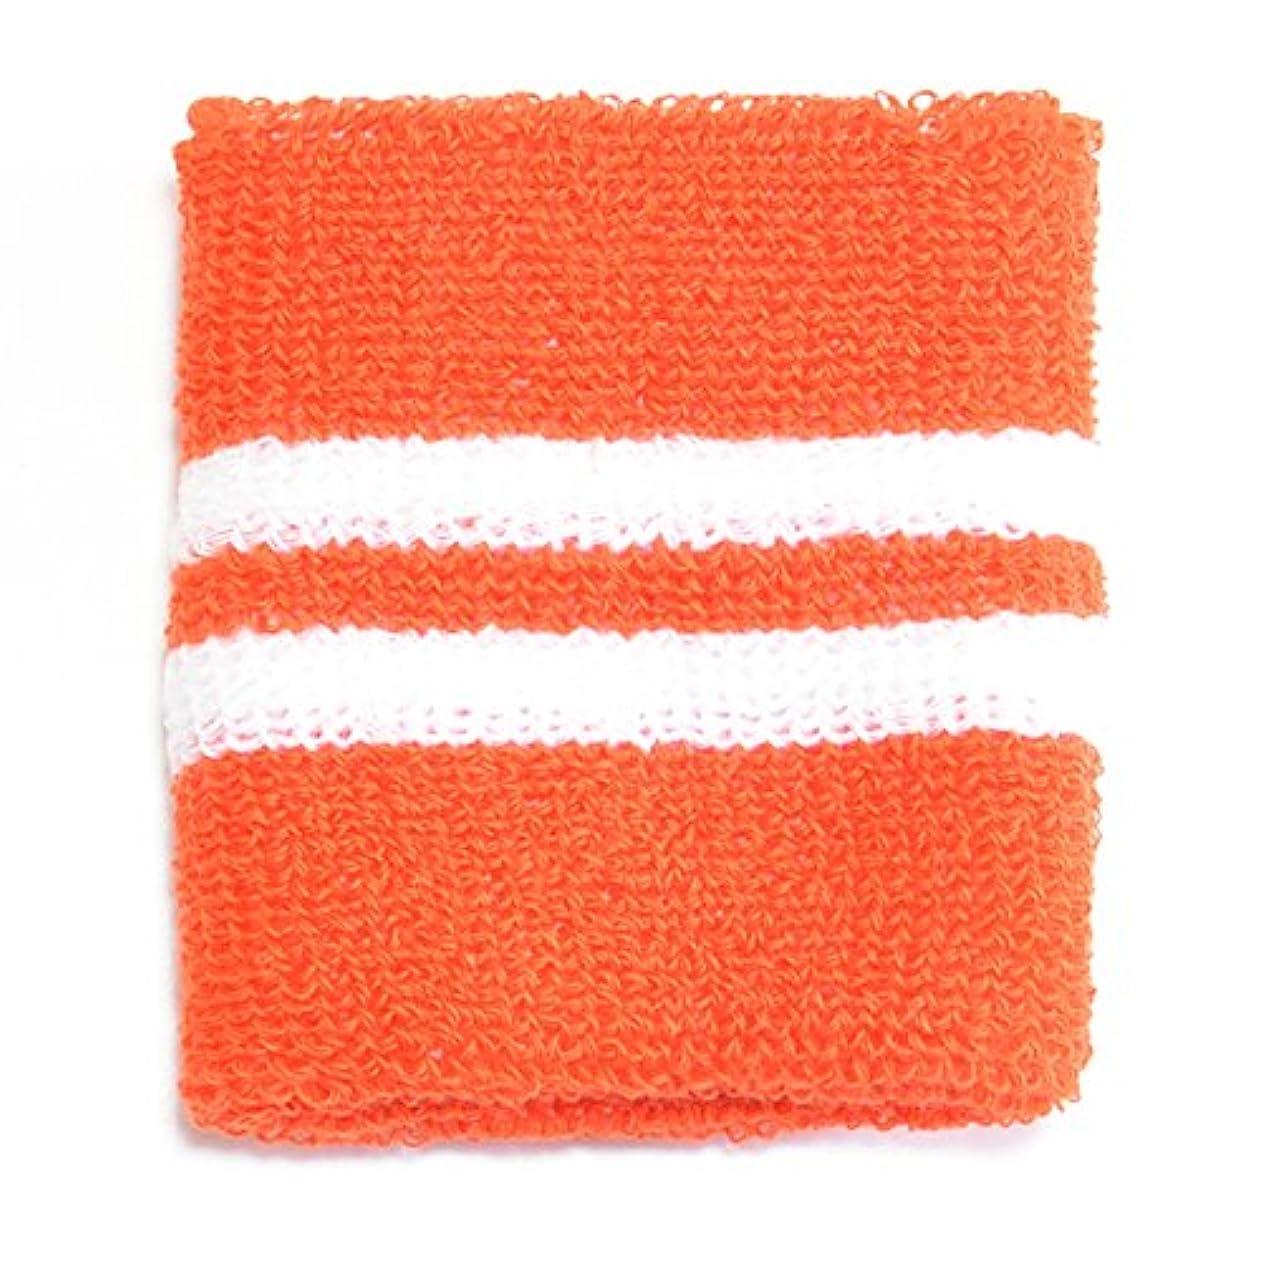 無条件乞食衝突コースリストバンド 大人用 wristband-07-19.オレンジベース白ライン / スポーツ ダンス リストウォーマー